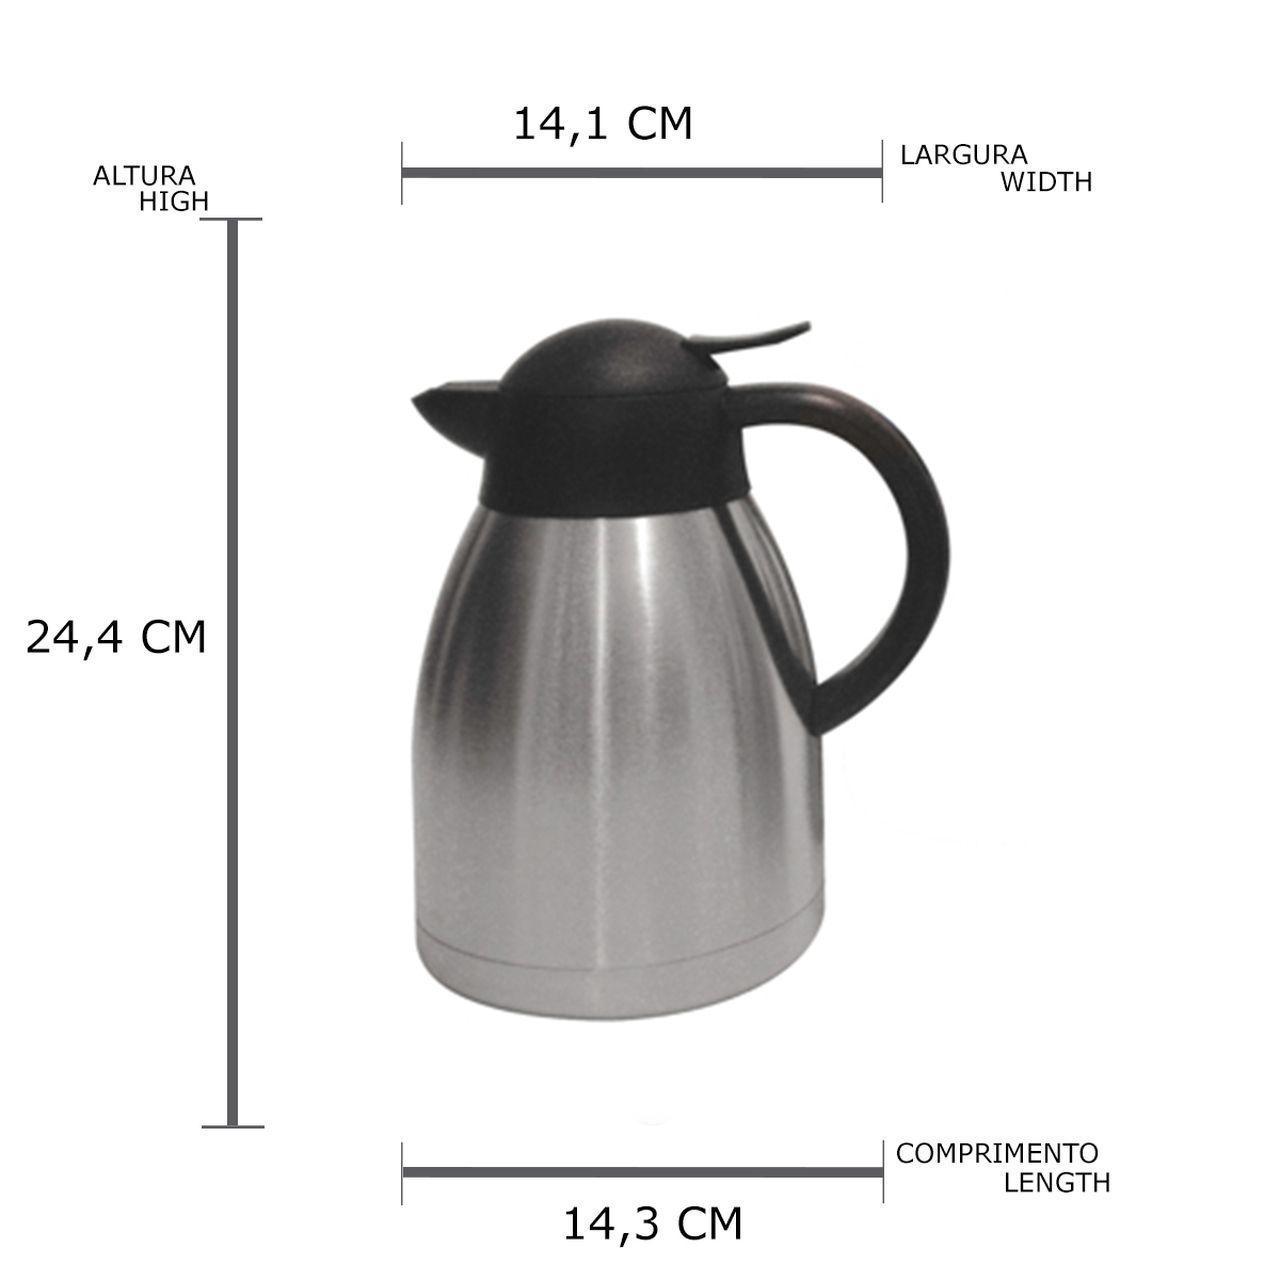 Garrafa Termica de Aço Inox com Dupla Parede 1,2l